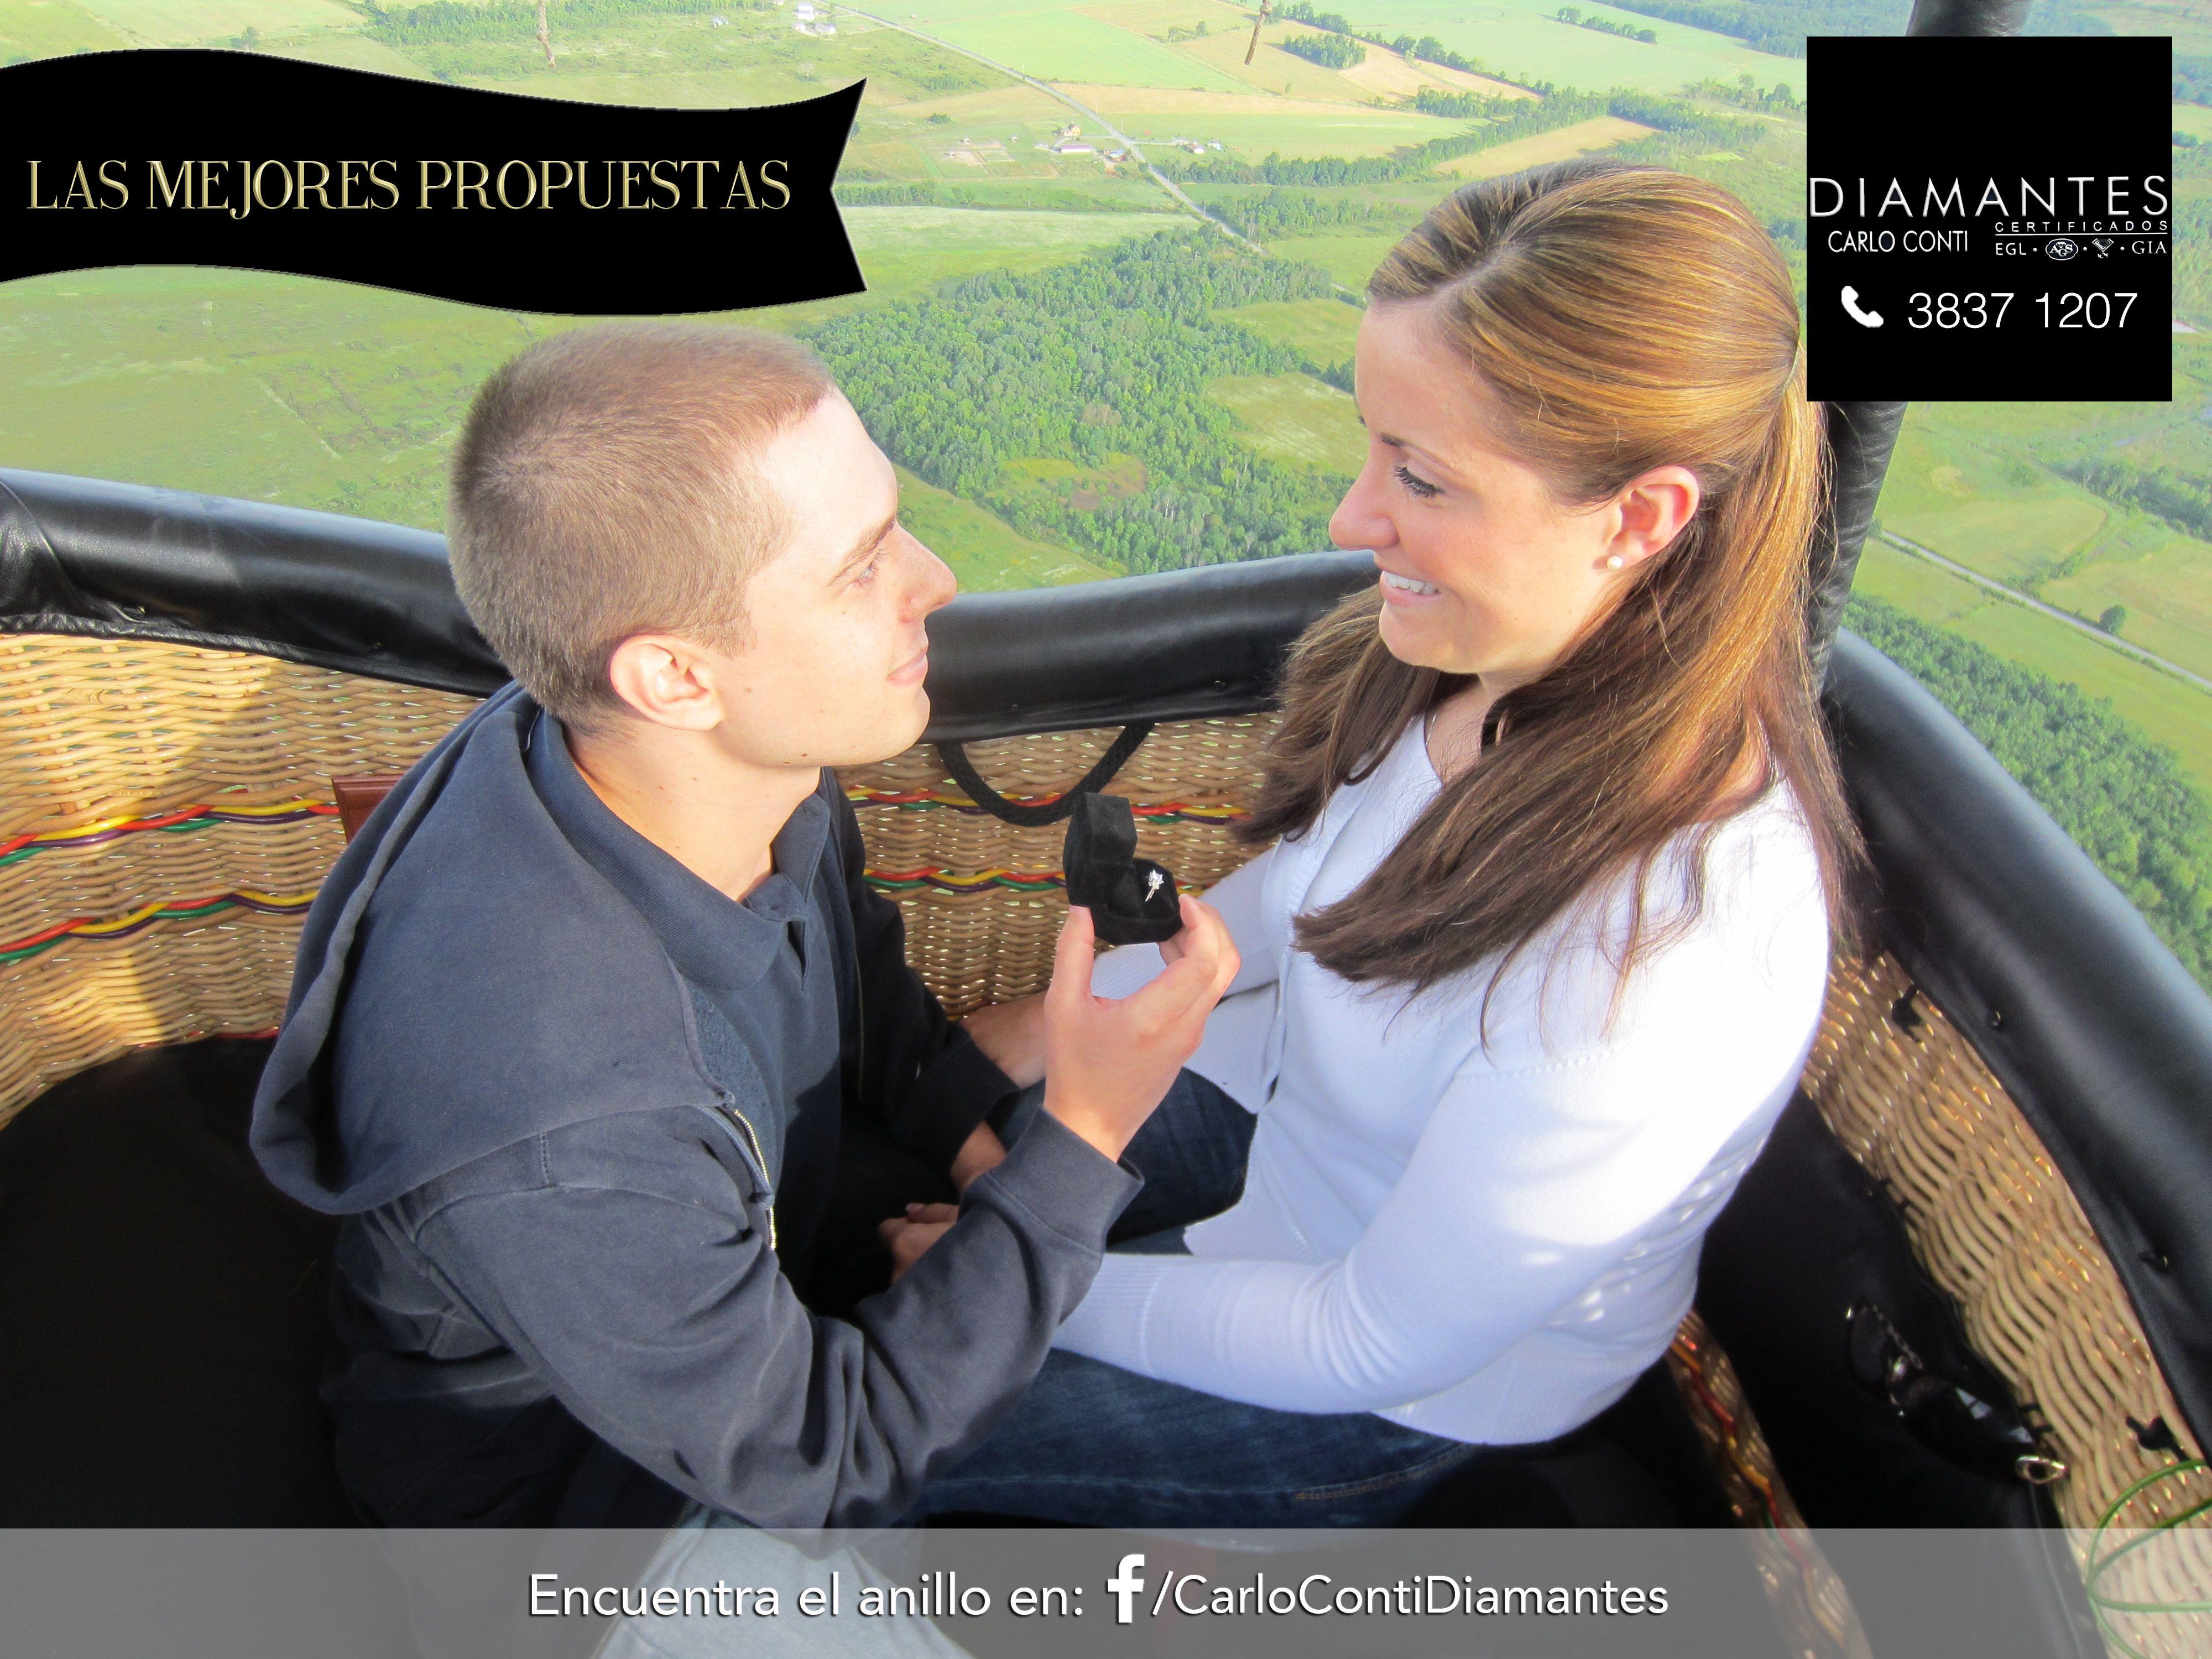 Porque el #amor está en el aire, pídele  #matrimonio en un #viaje en #globo aerostático. ¡Nuestro anillo ideal en nuestra página de Facebook! #LasMejoresPropuestas #GDL #CarloConti #GaleríaJoyera